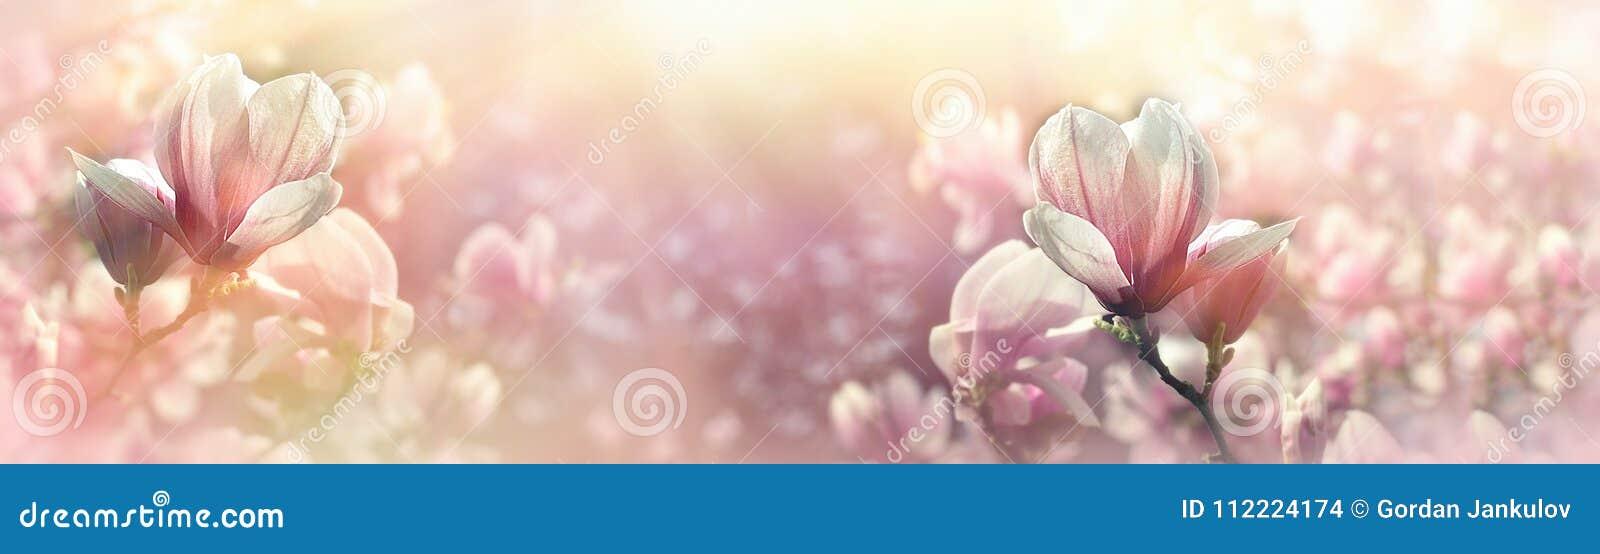 Magnoliablomman tände vid solljus - härlig blomning